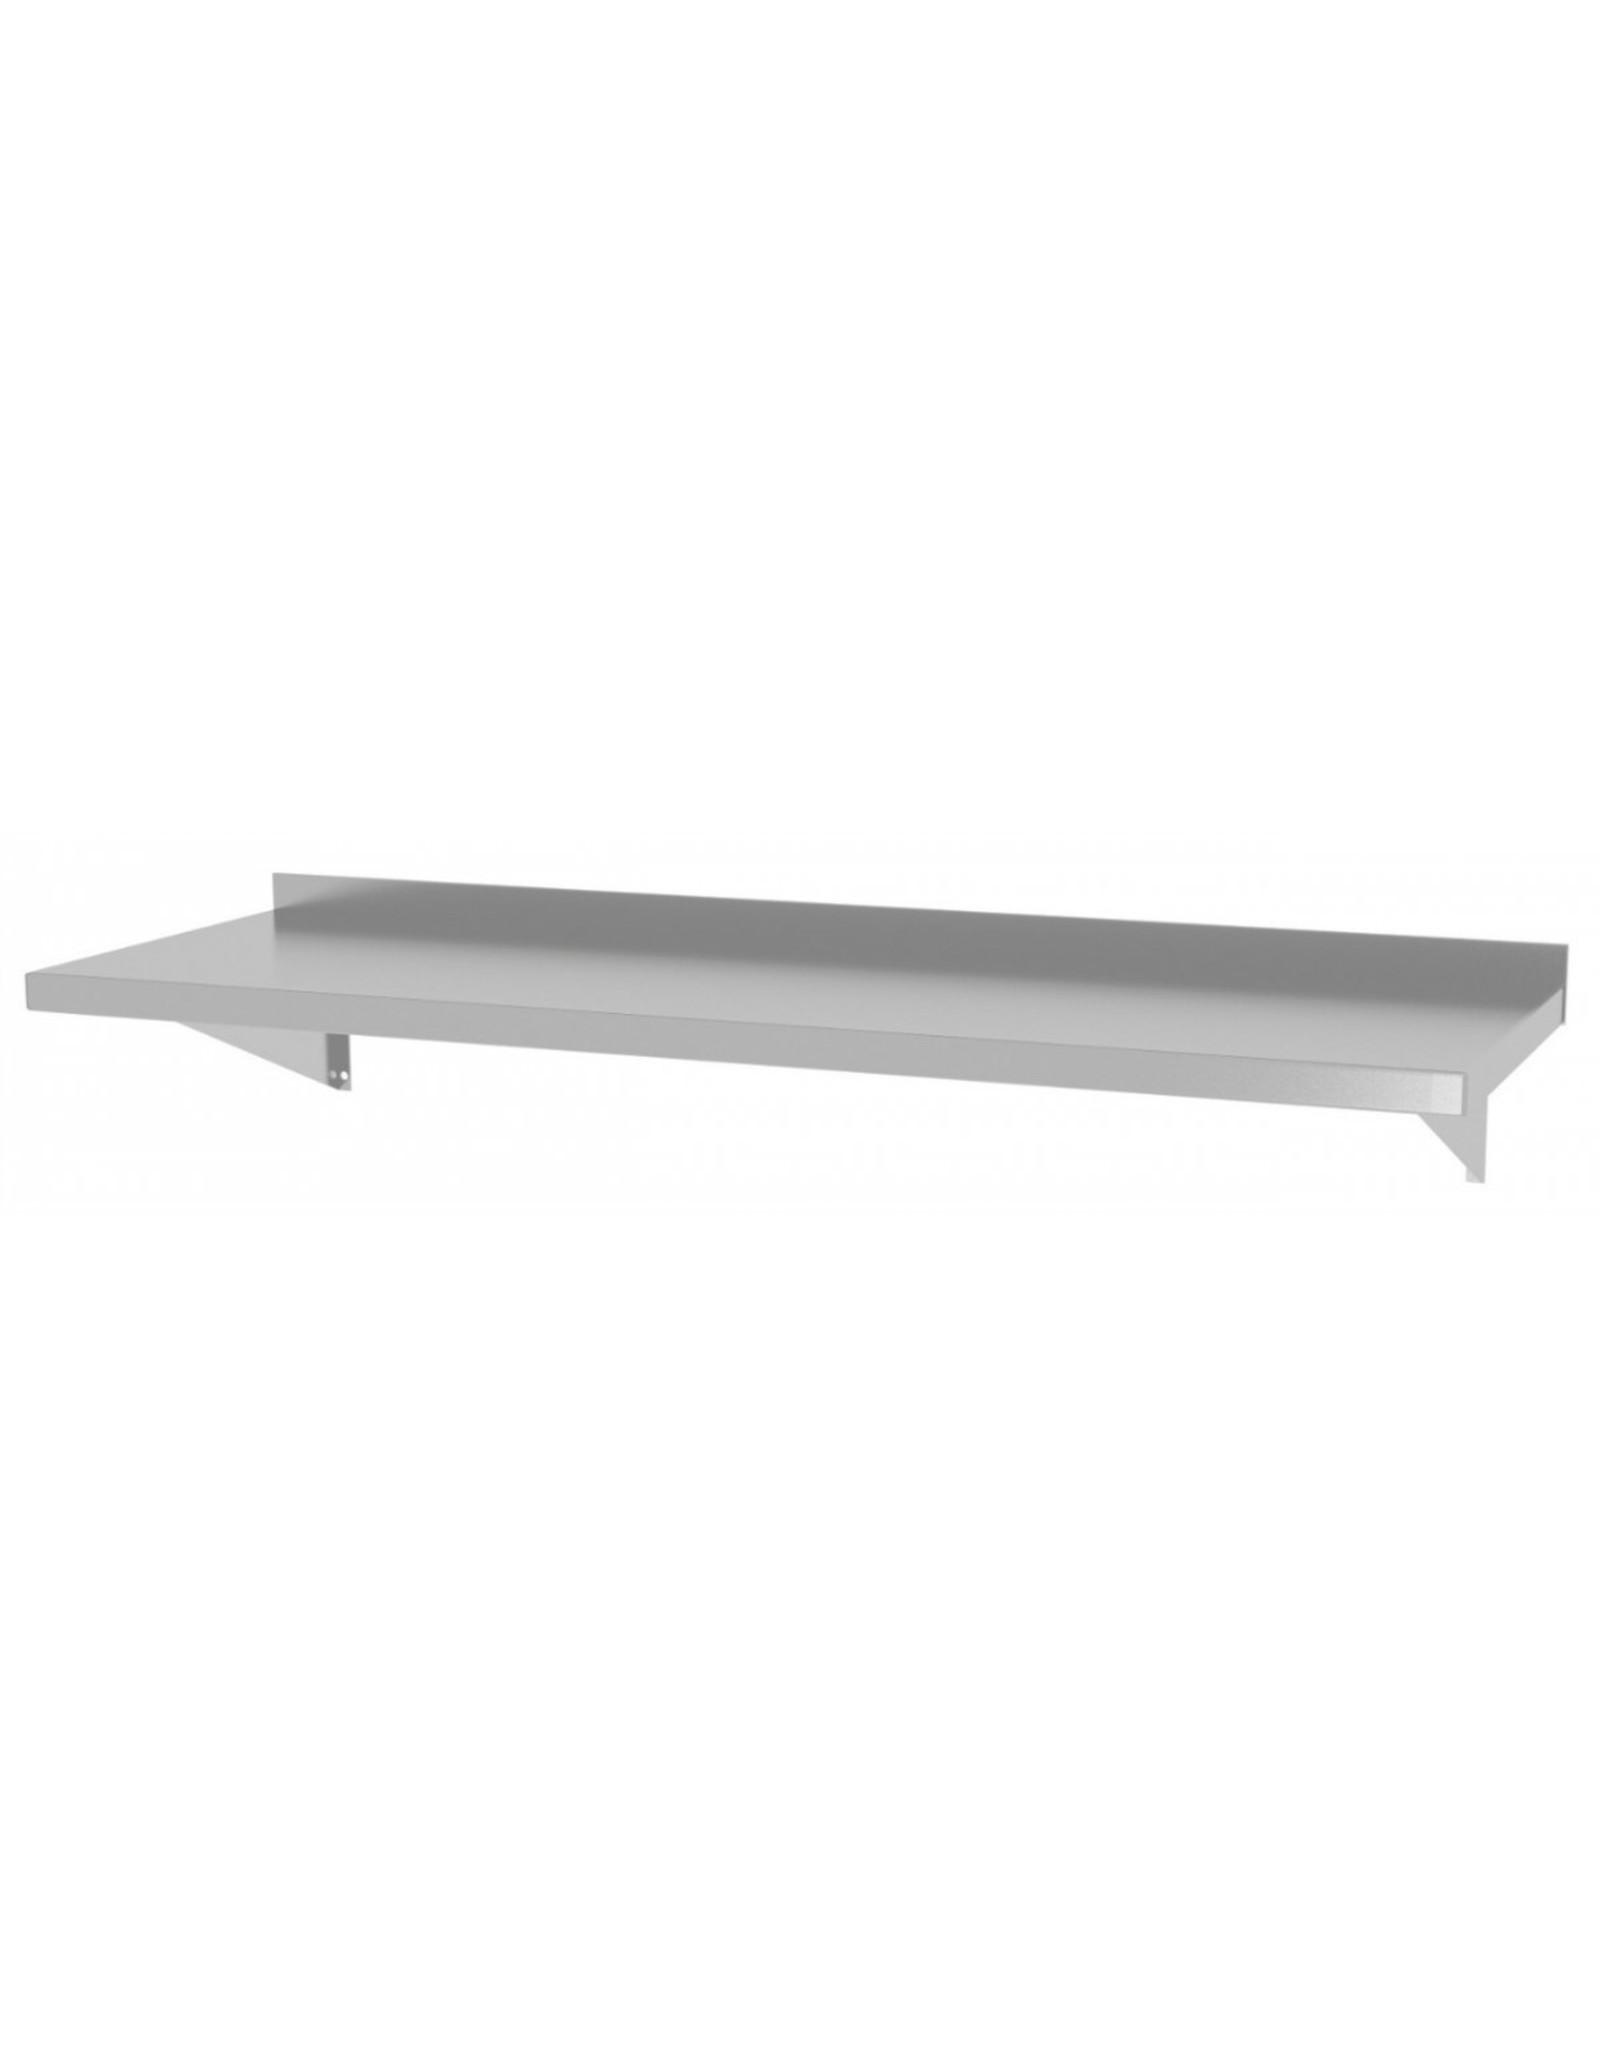 Wandplank vast model | met 2 beugels | 600-1500mm breed | 300 of 400mm diep